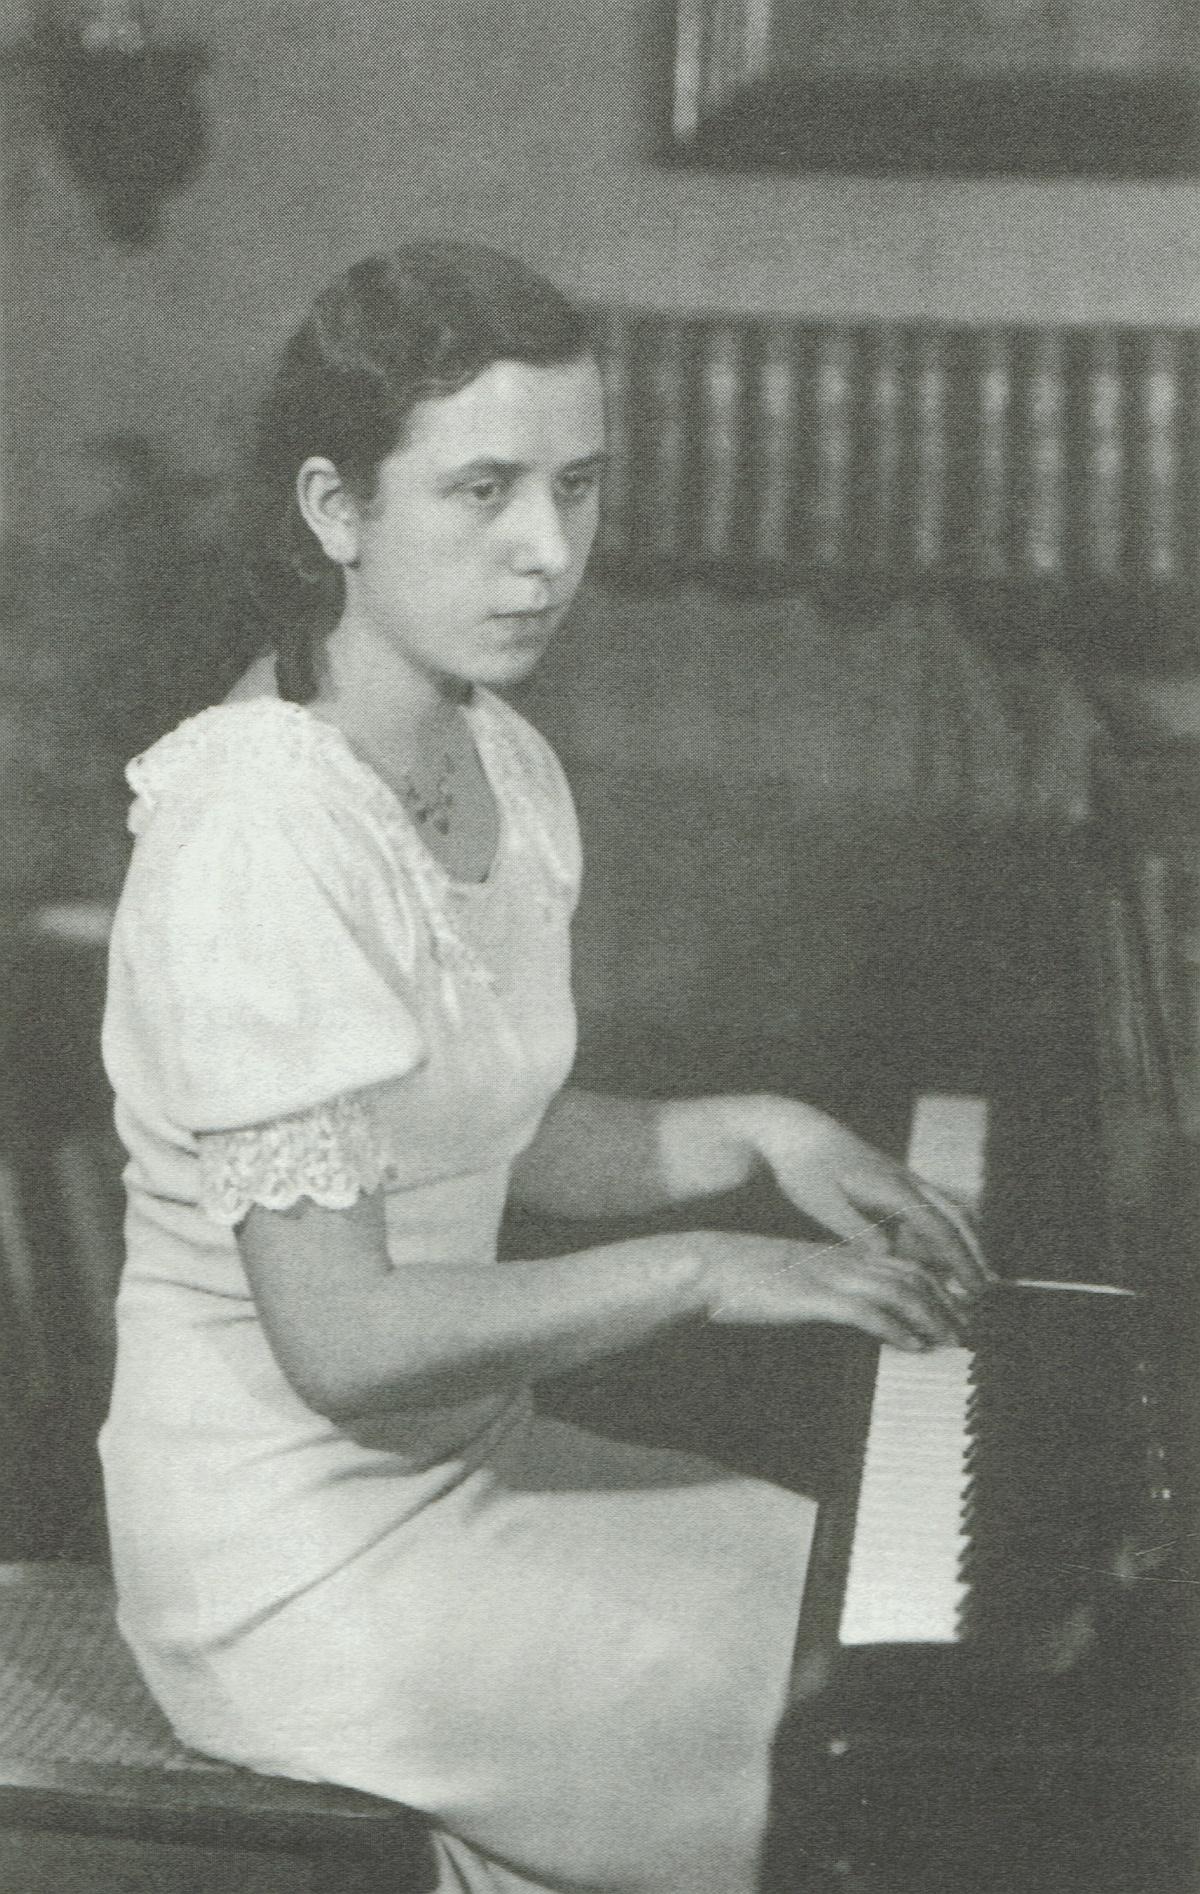 Maria Bergmann en 1936, une photo citée du livre «Ein Leben für Musik und Funk - Maria Bergmann erinnert sich» [Hrsg. von Ingeborg Schatz], Potsdam, Verlag für Berlin-Brandenburg, page 25 de la 2e édition de 1998, cliquer pour une vue agrandie et plus d'infos